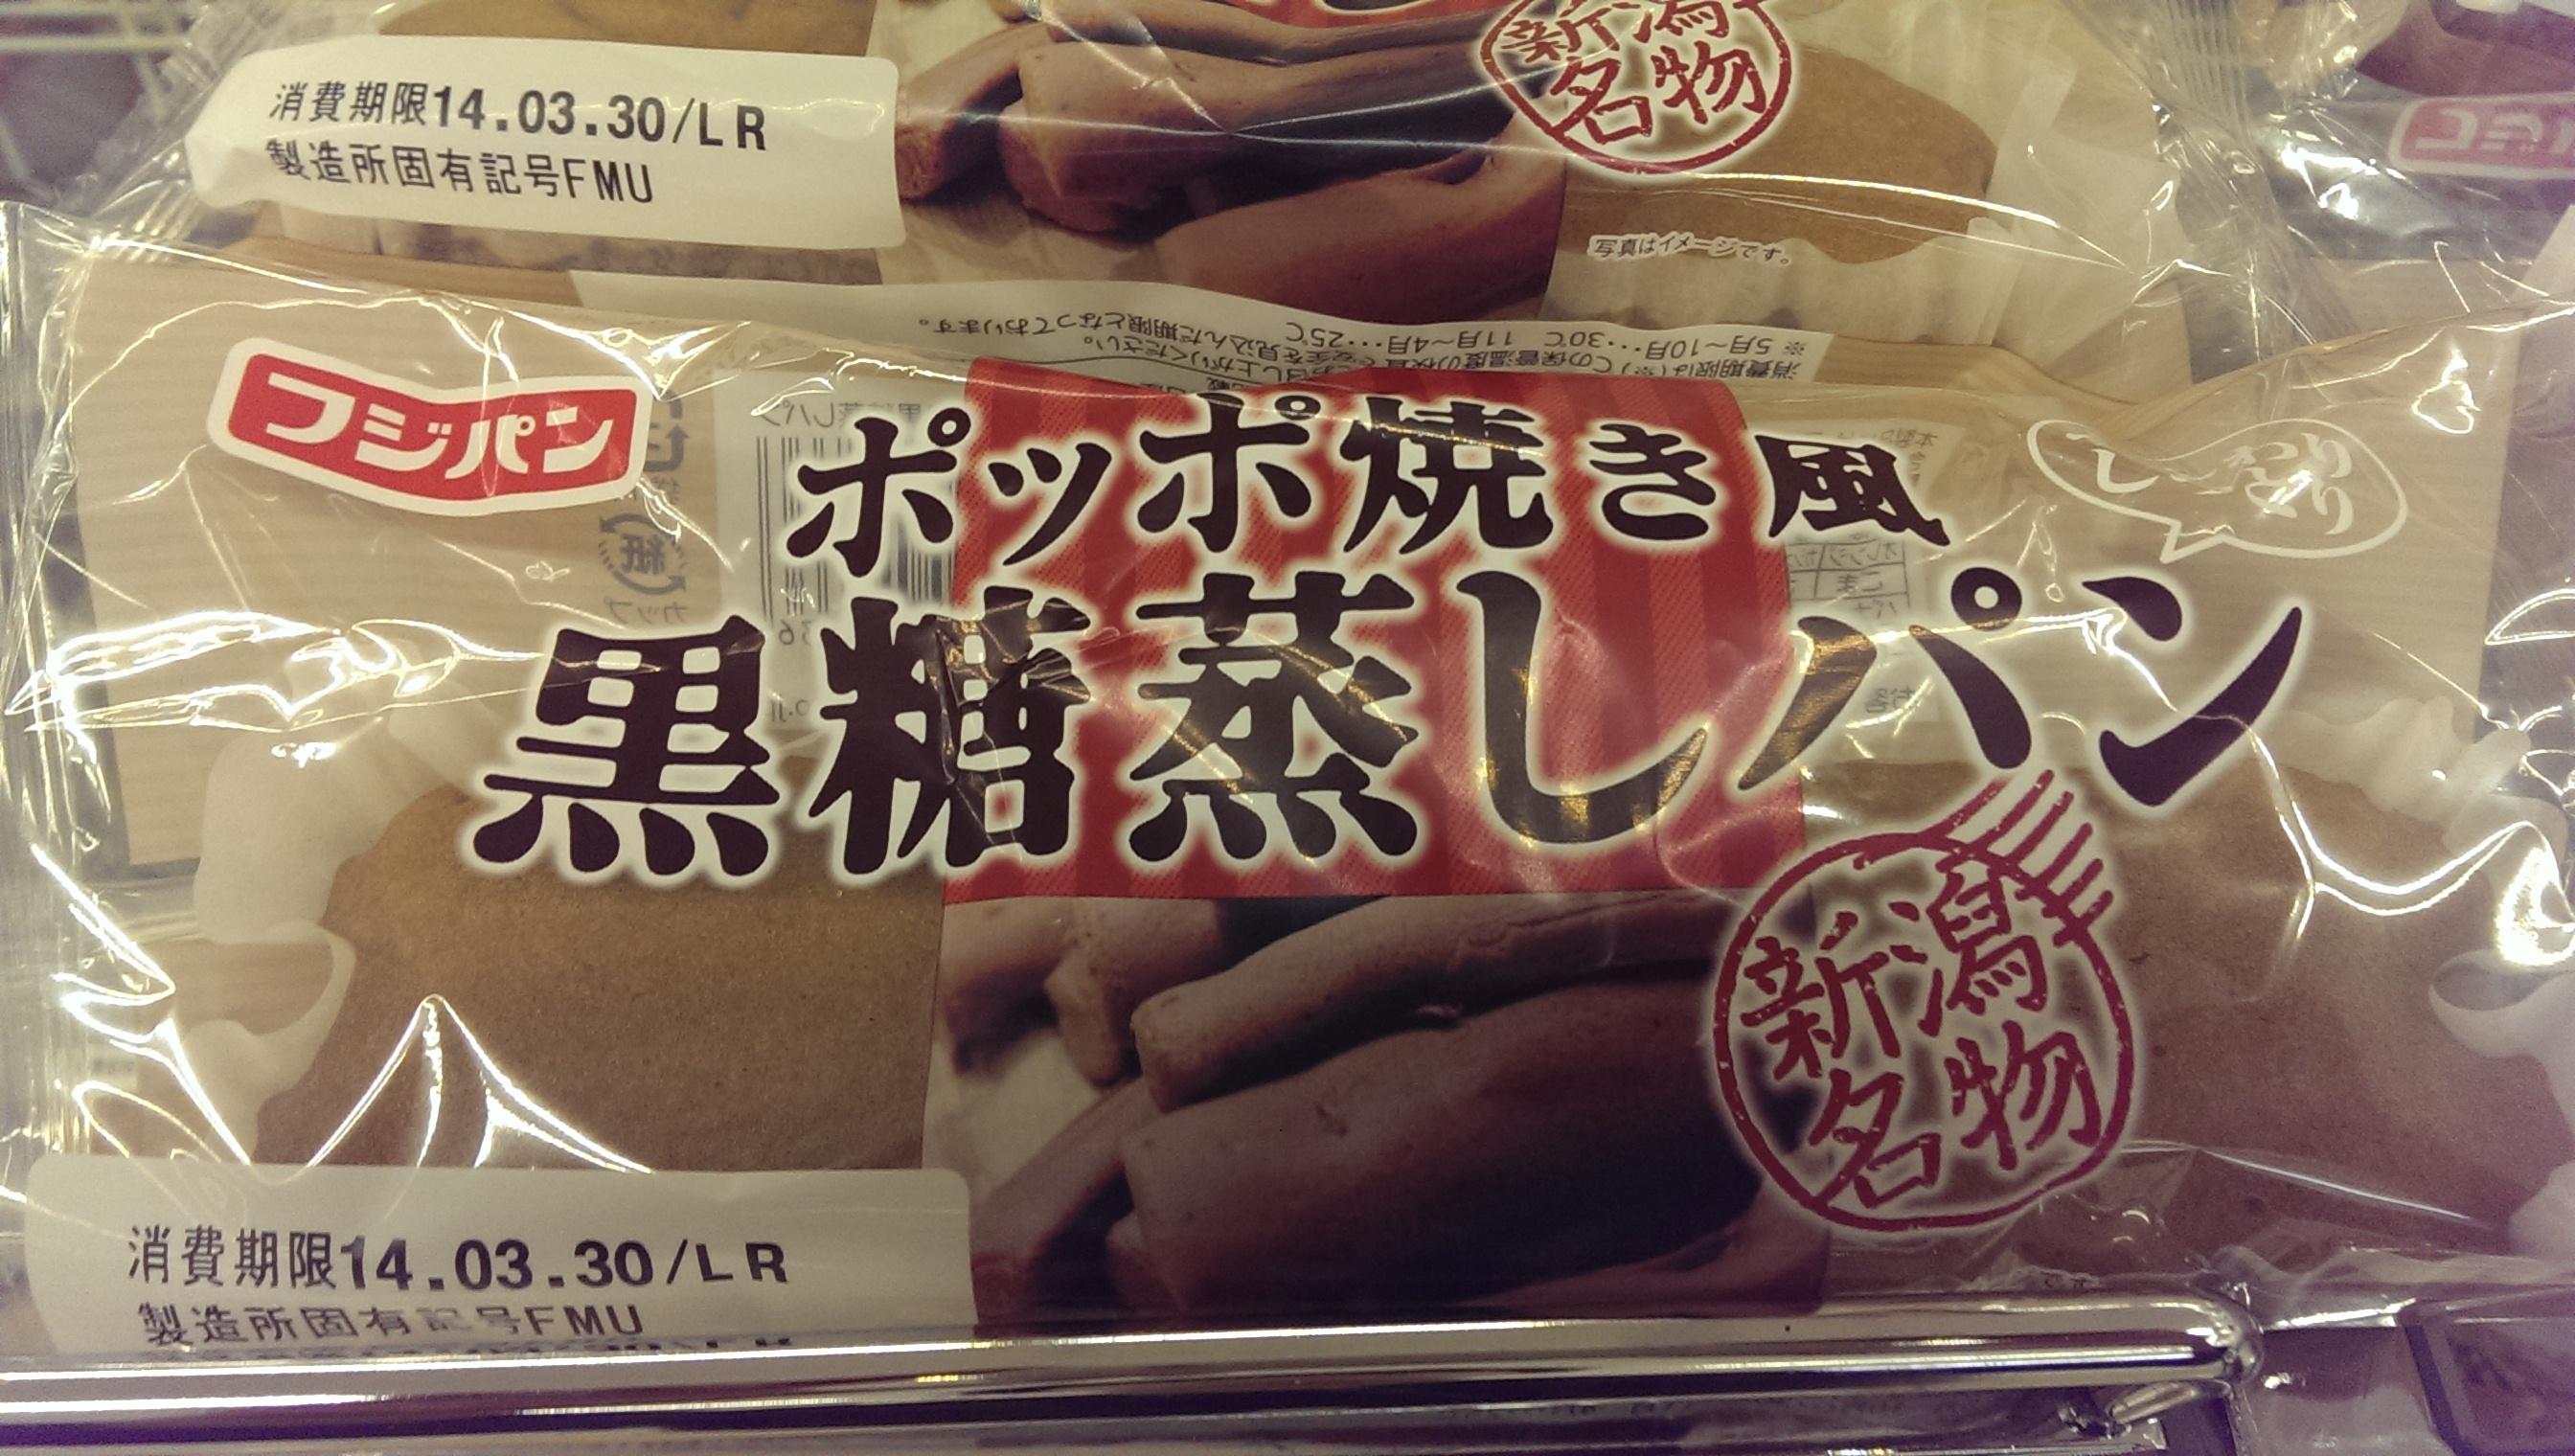 お祭りでなくてもポッポ焼きが楽しめる!?セブンの黒糖蒸しパンがうまい